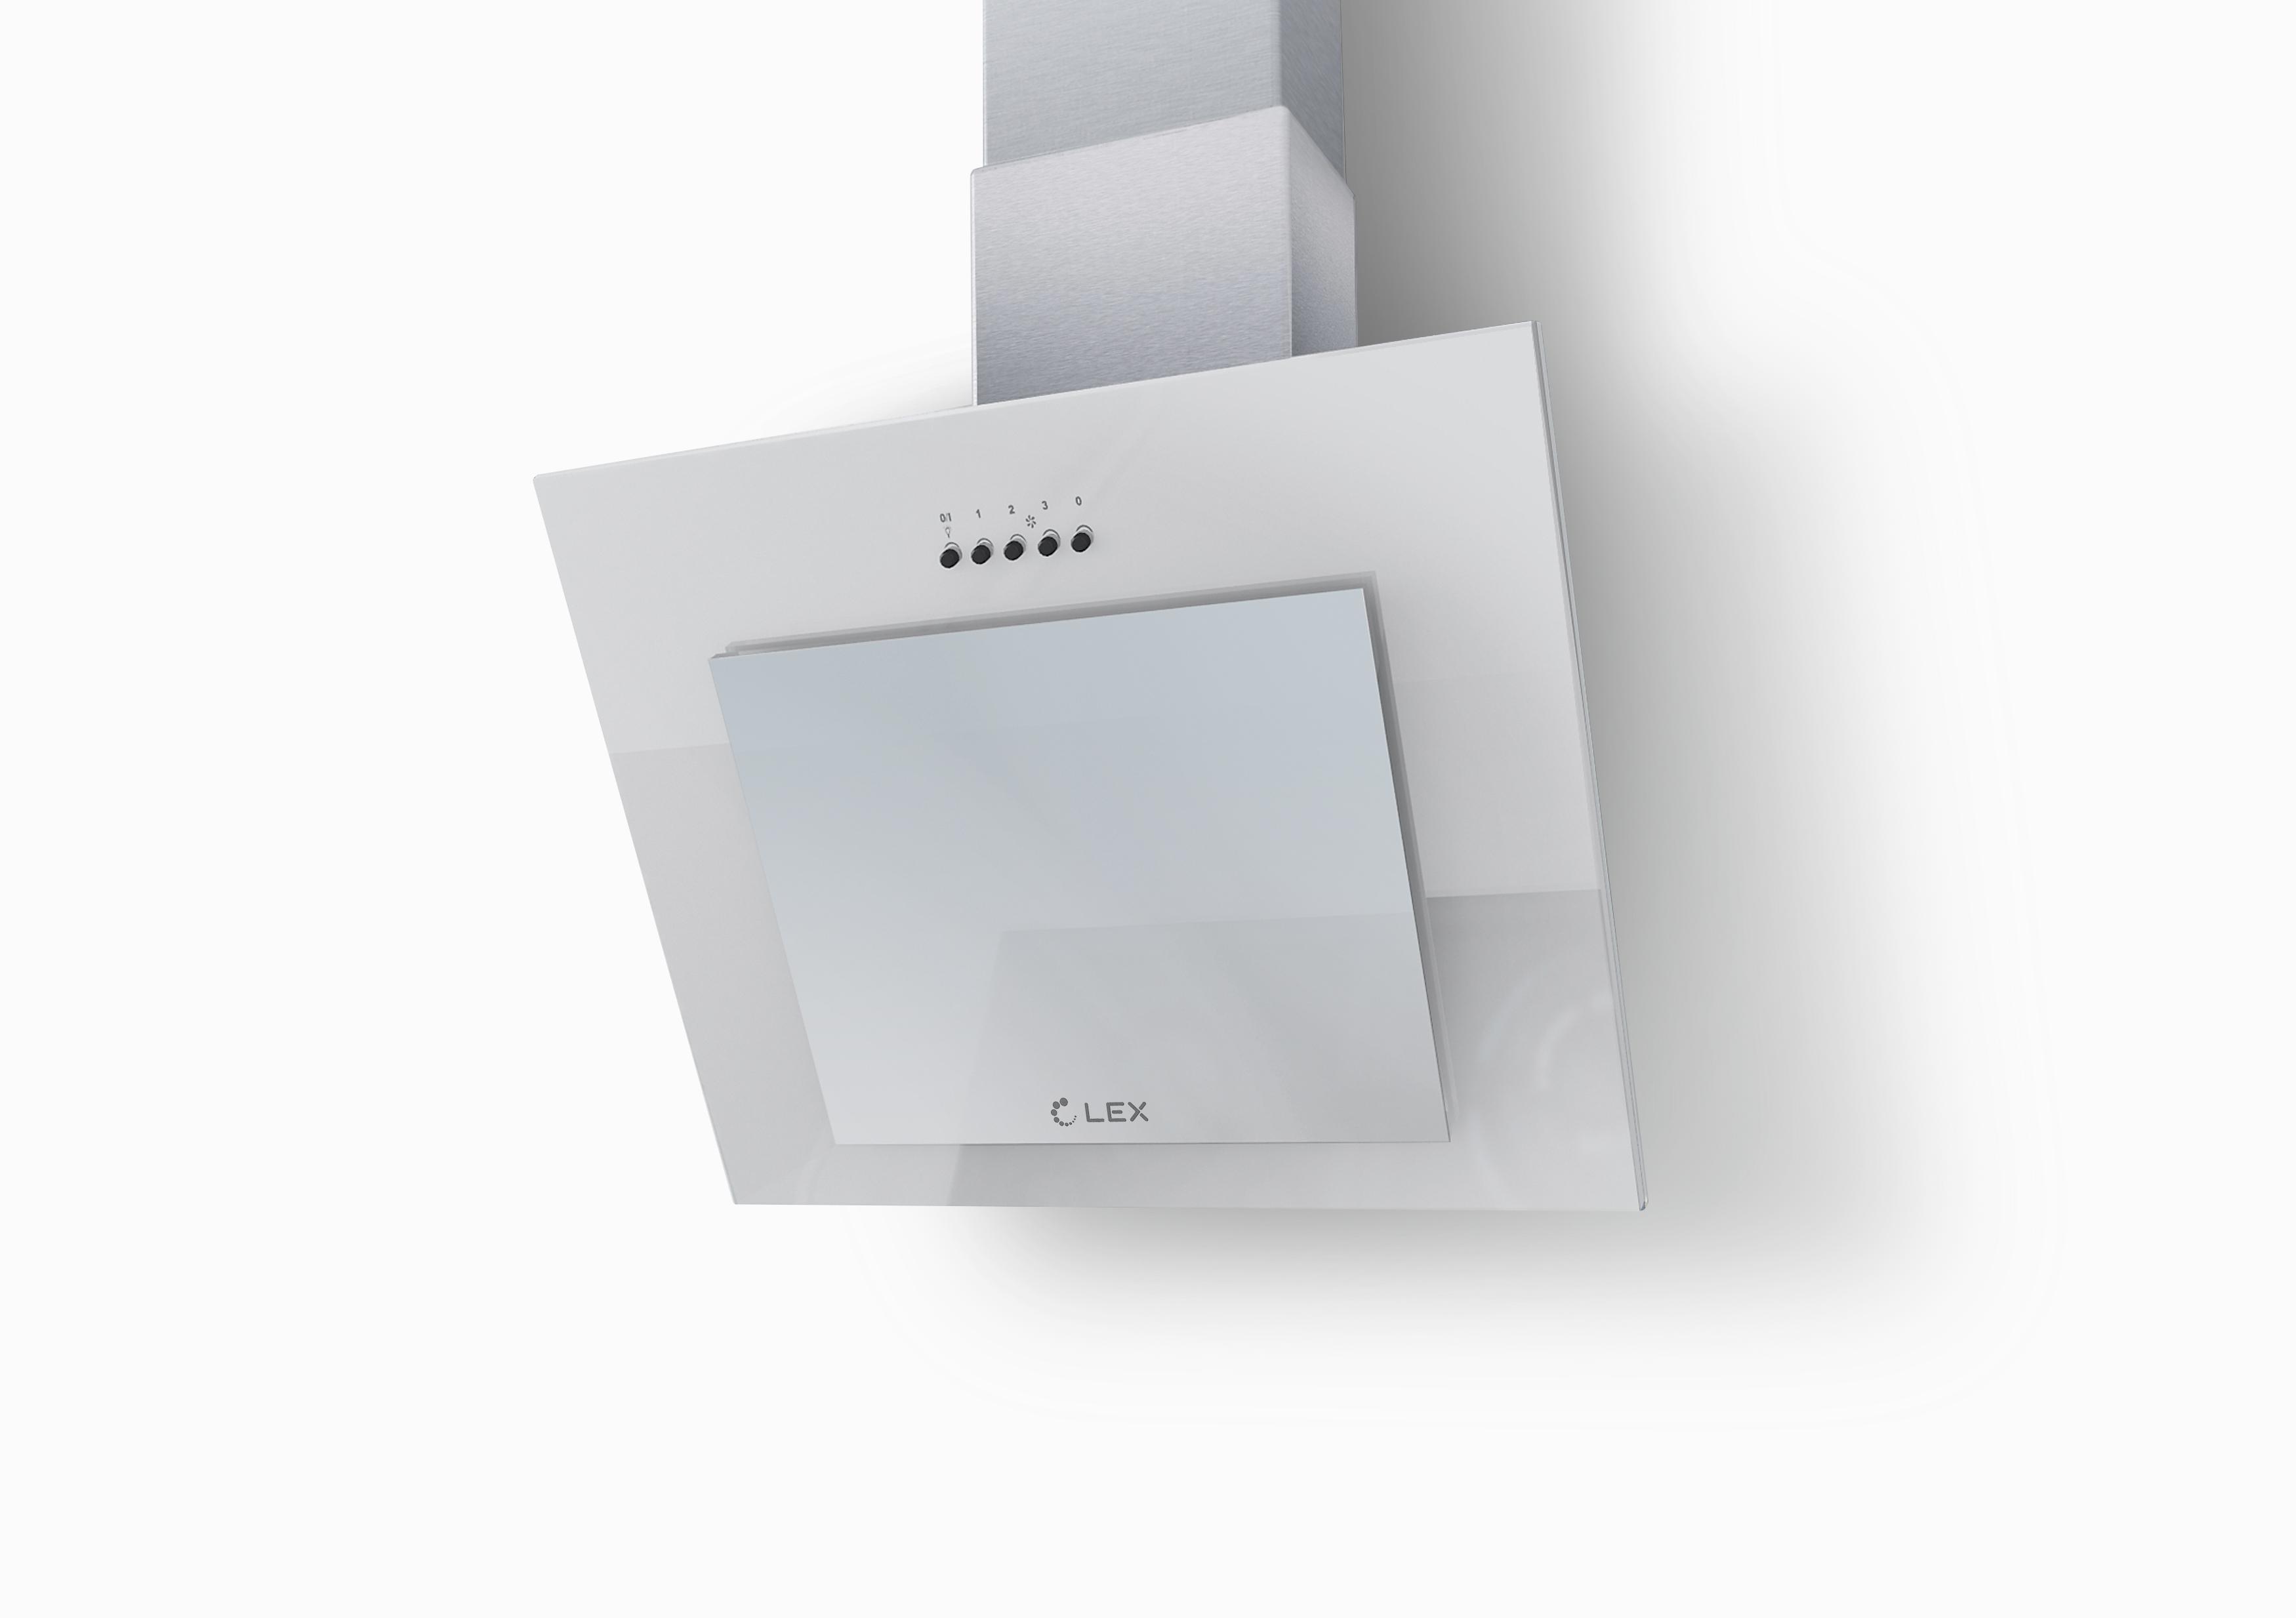 Вытяжка Lex Mini 500 white уровень stabila тип 80аm 200 см 16070